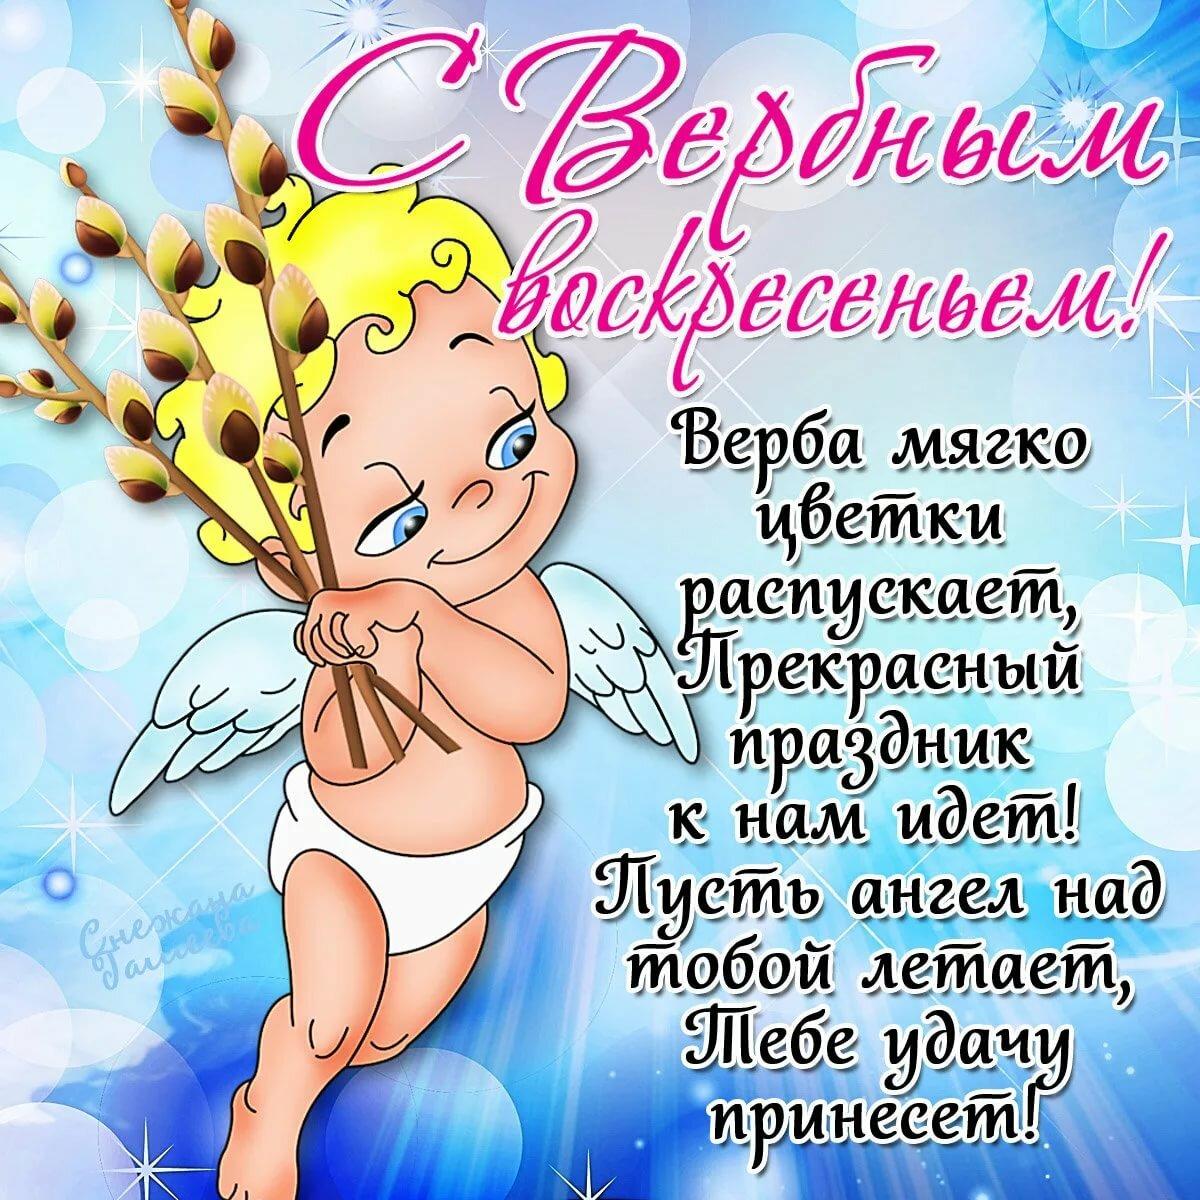 Вставить картинку, поздравления открытки с вербным воскресением